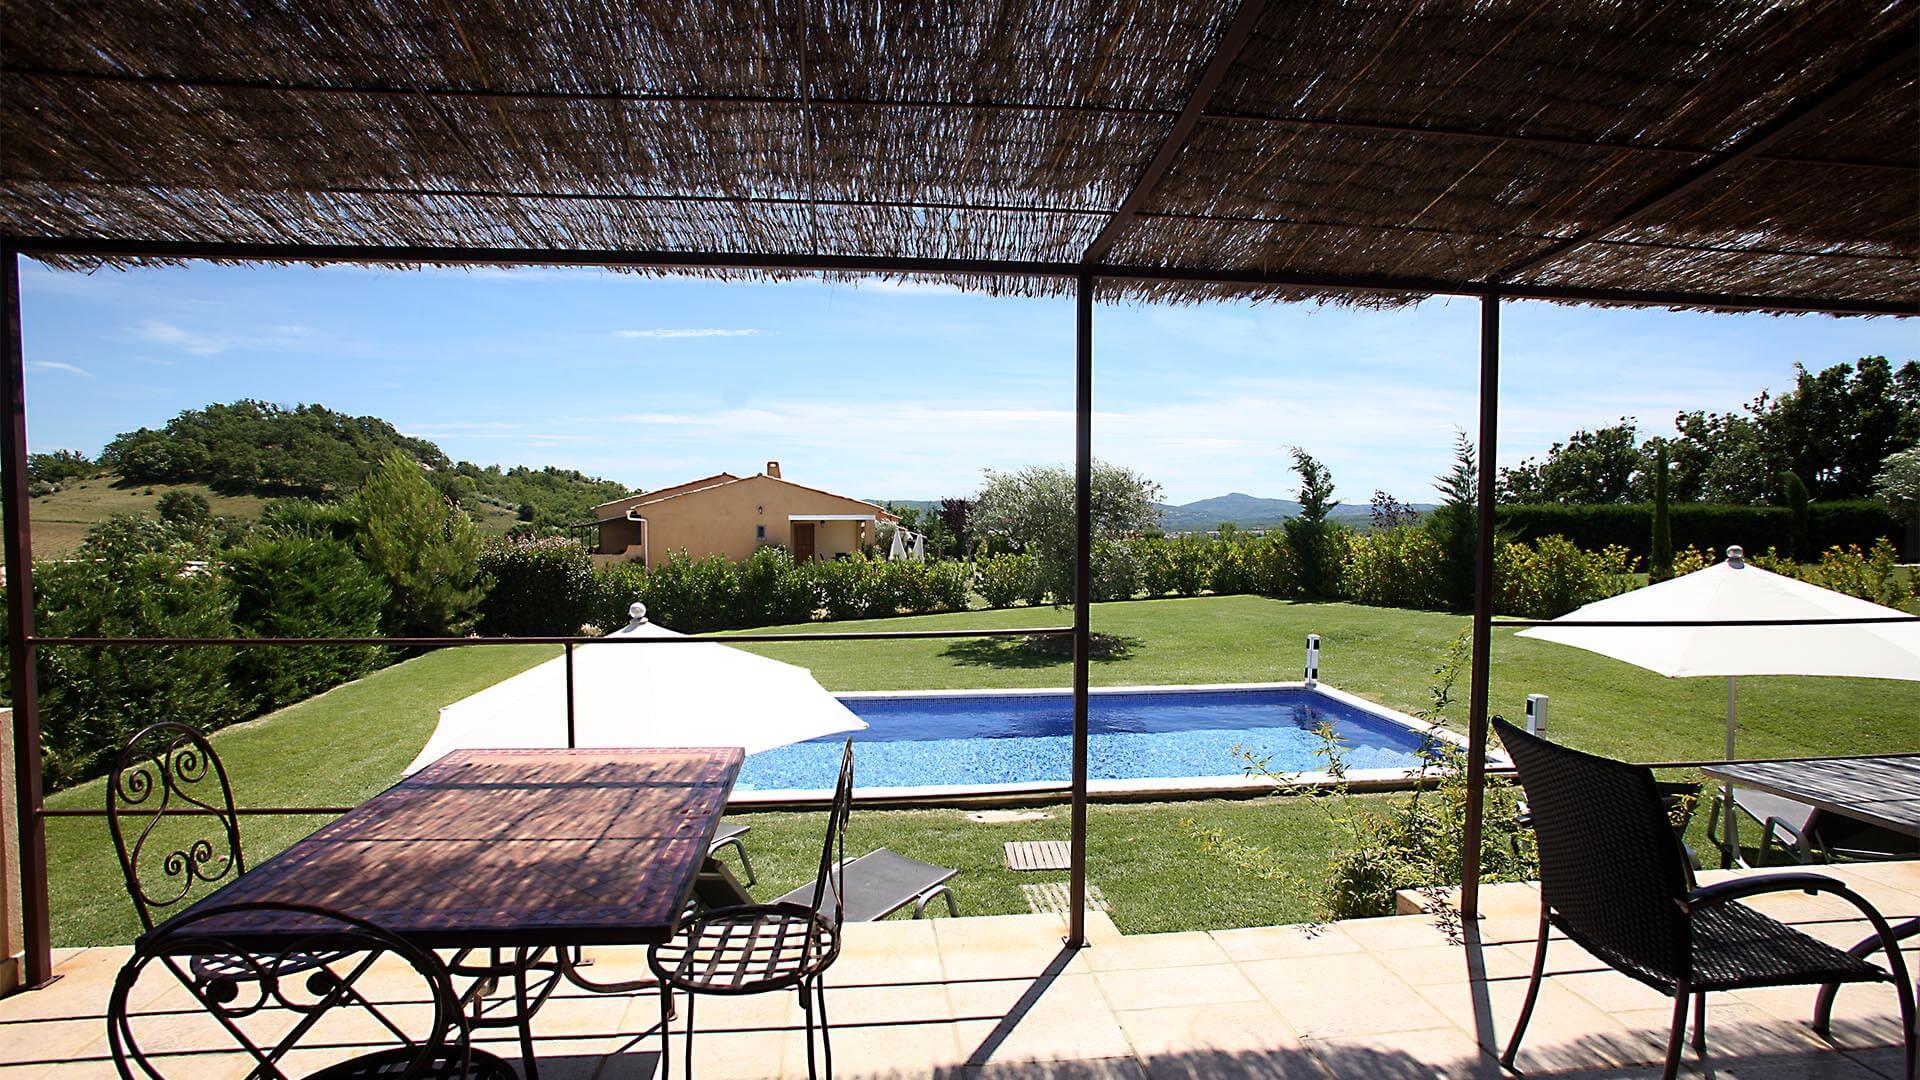 Location saisonnière maison Luberon | Villa les tournesols | Terrasse, piscine et jardin